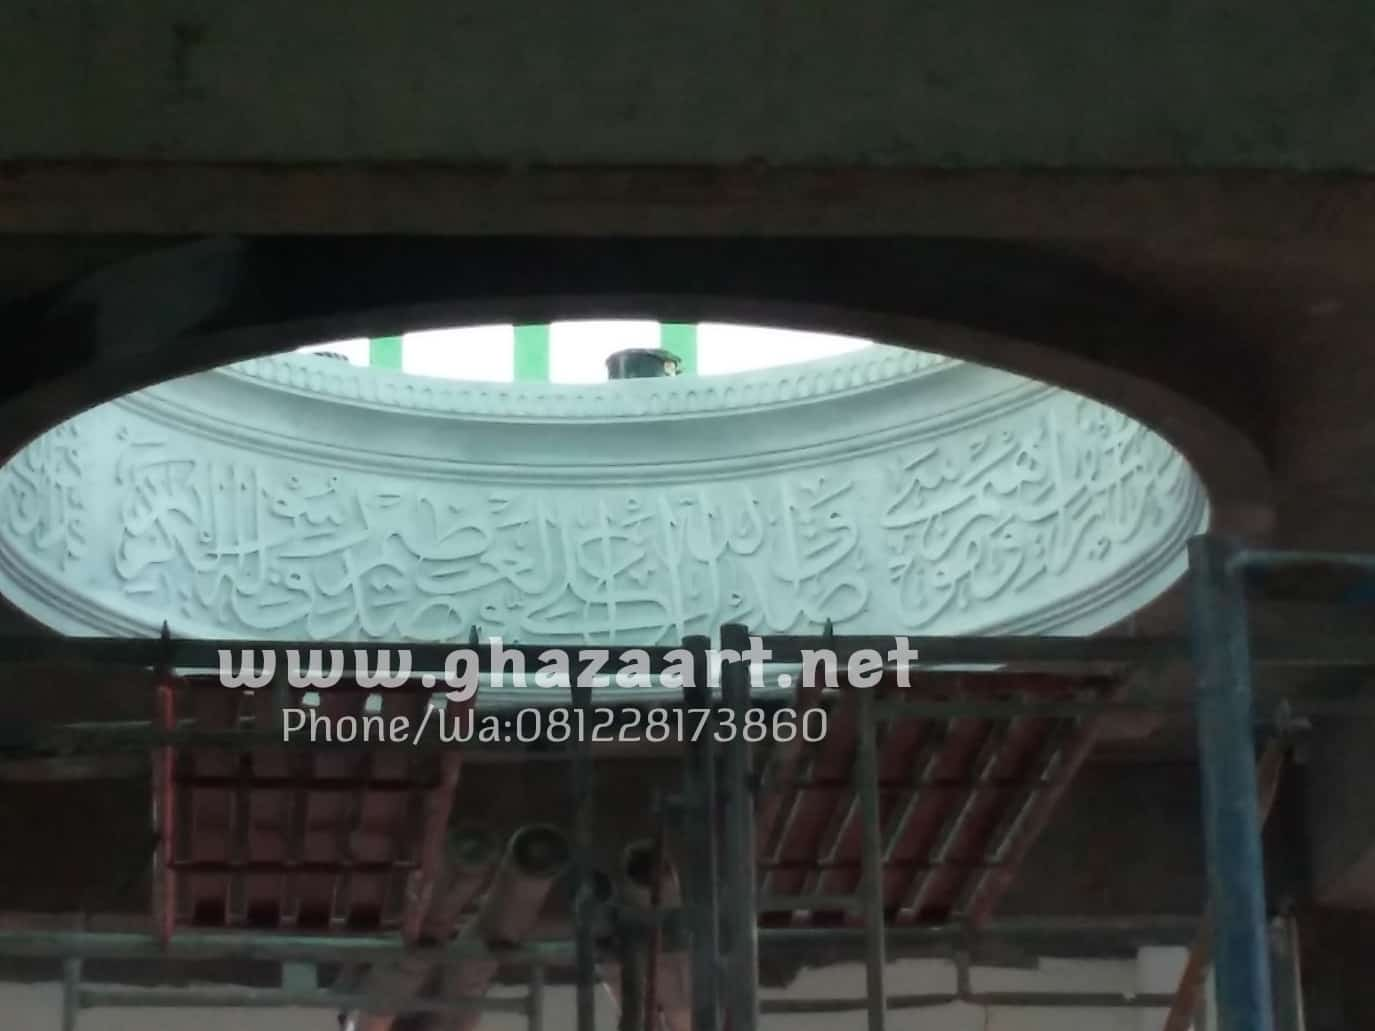 Kaligrafi timbul grc board